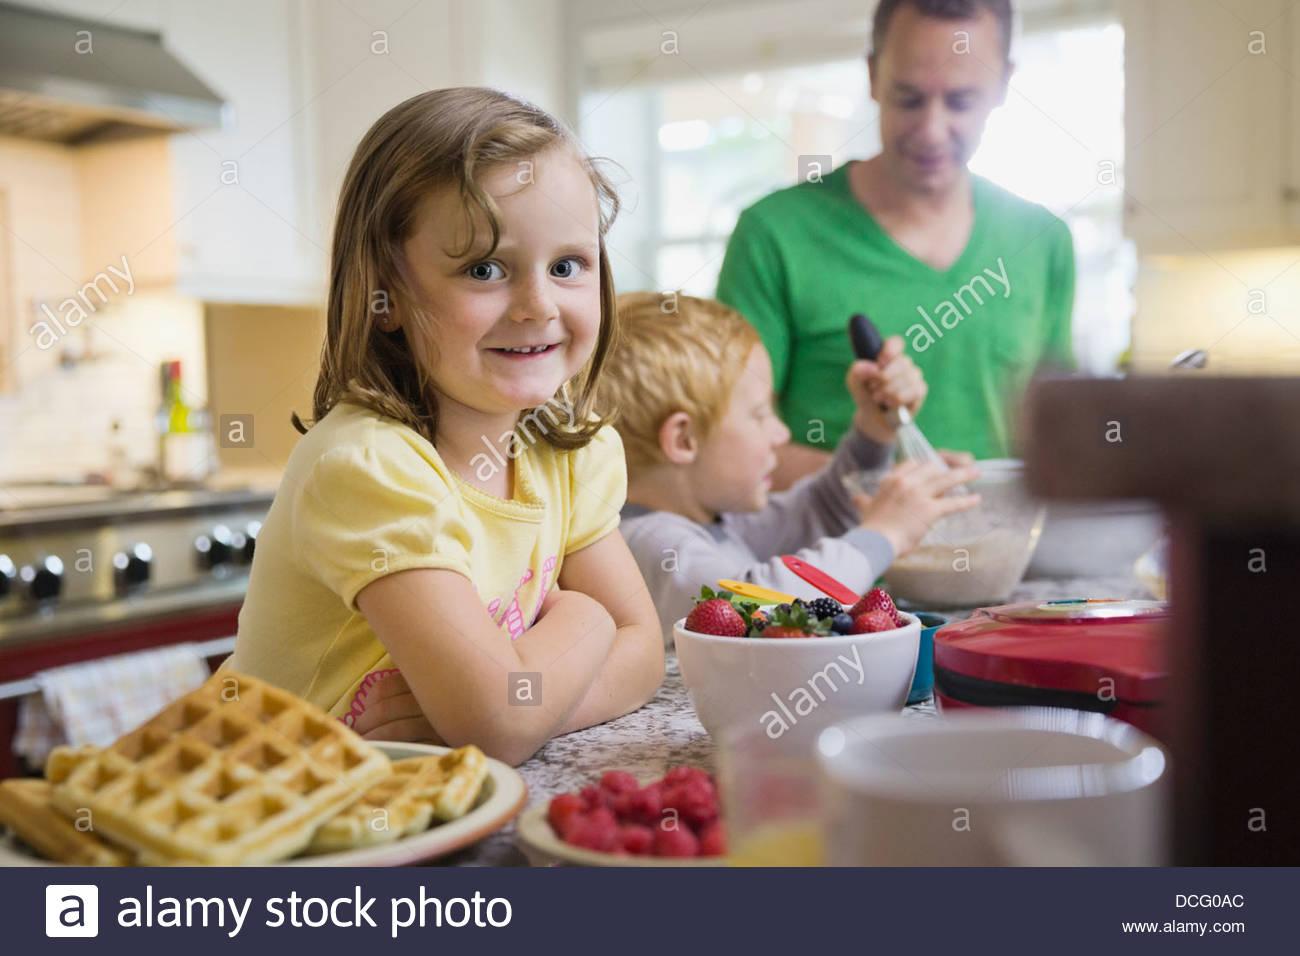 Ritratto di ragazza facendo colazione in famiglia Immagini Stock